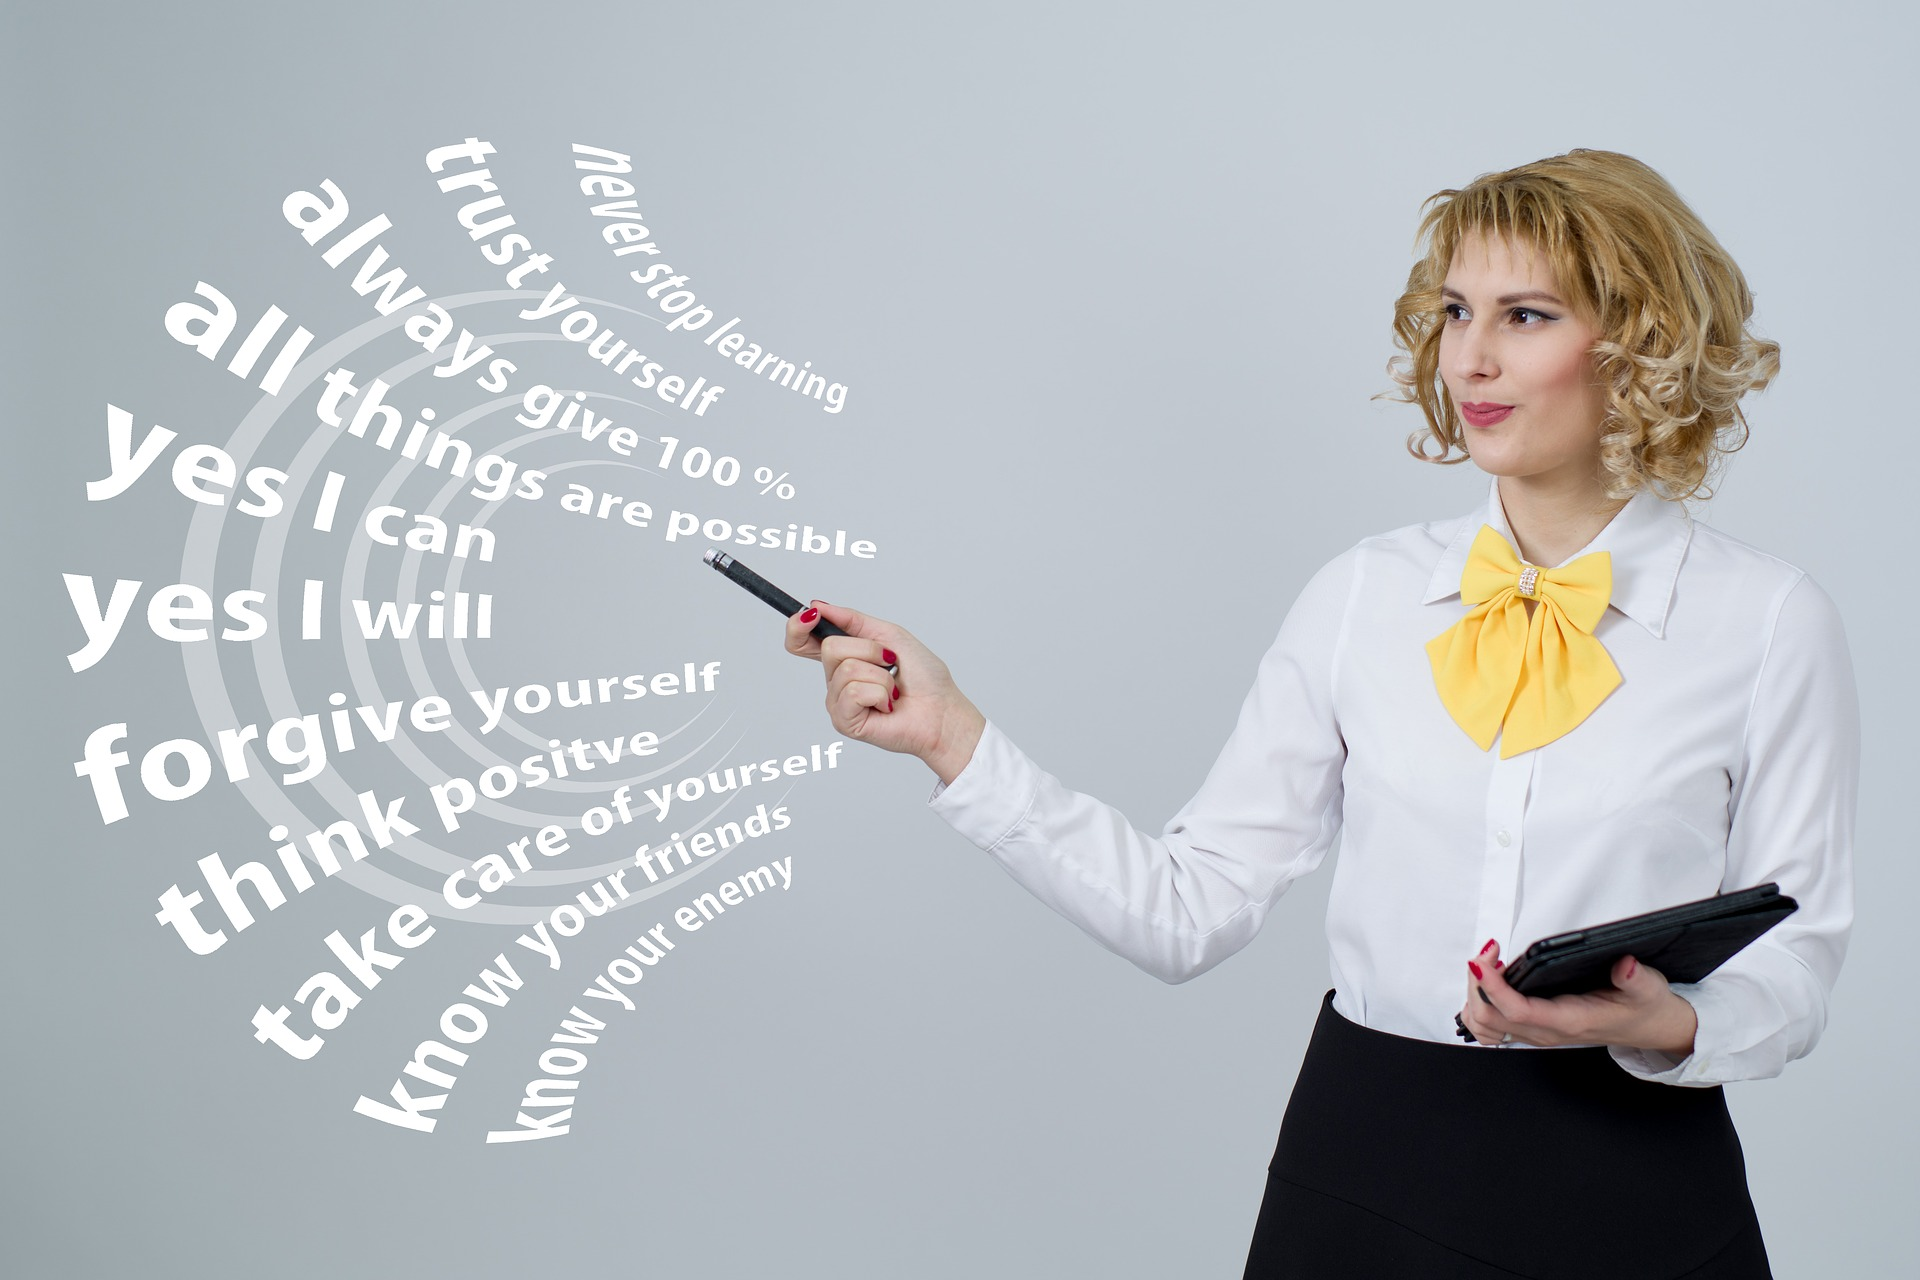 転職活動のマナーと究極の逆質問とは?-転職のリアル【vol.11】